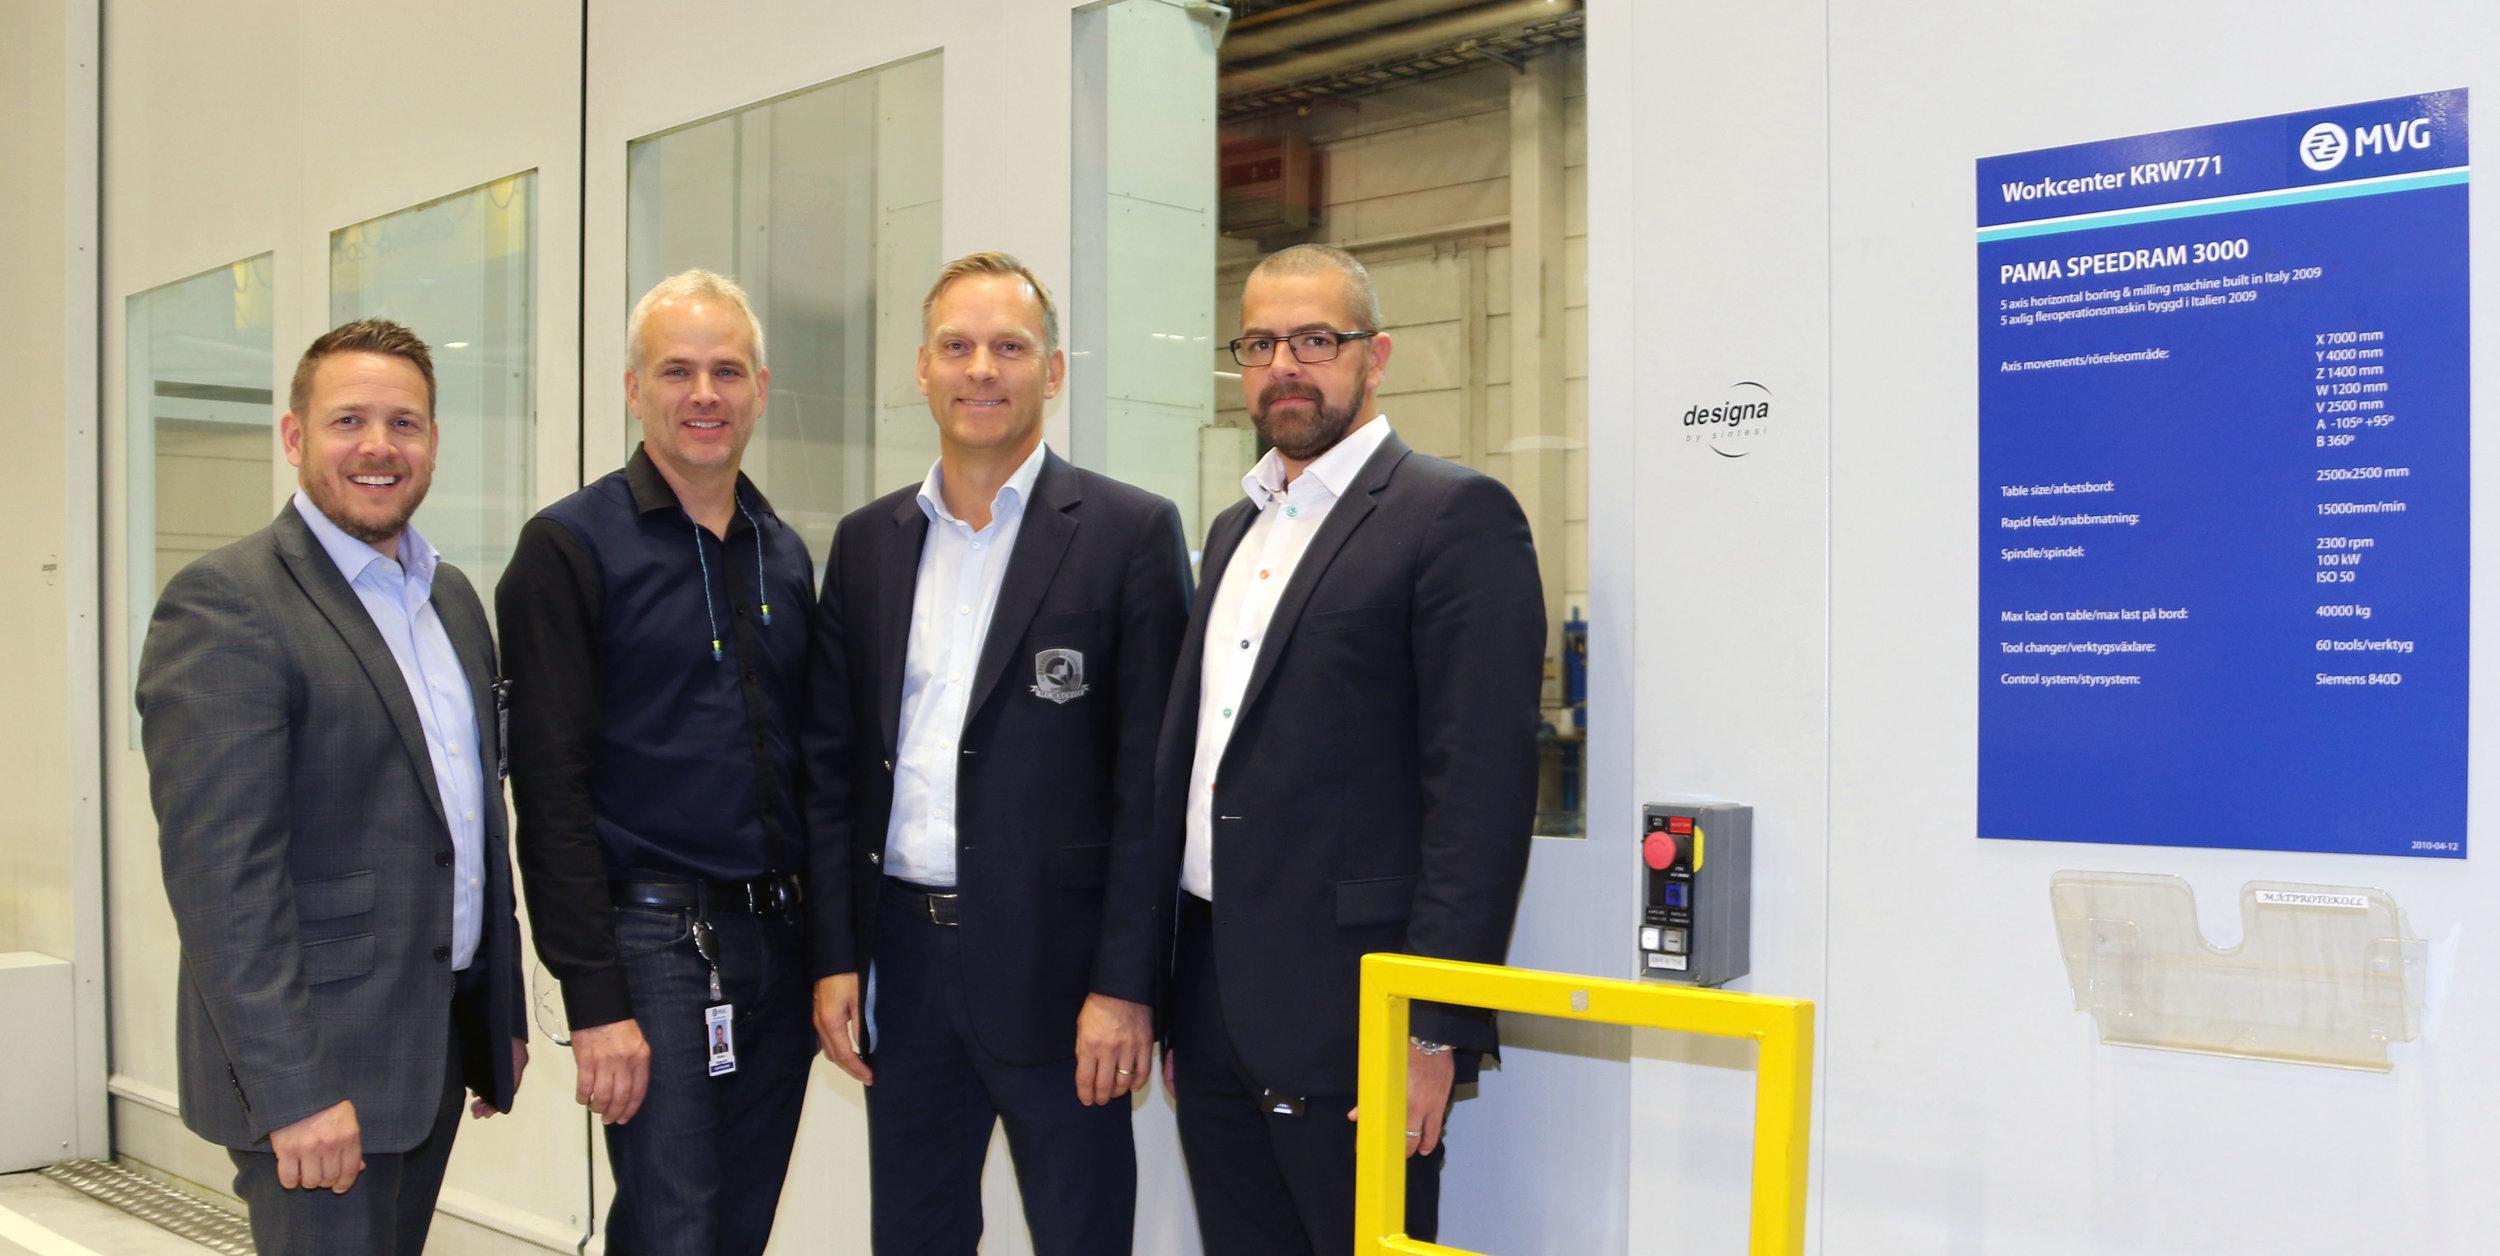 ....  FROM LEFT; MARKeting manager MIKAEL BÖNNEMARK, GUSTAVSVIKS Plantmanager NICLAS HÄGGROTH, CEO ANDERS HOLM,  COO CARL LÖFSTRAND..från vänster marknadschef Mikael Bönnemark, Gustavsviks verkstadschef Niclas Häggroth, VD Anders Holm,COO Carl Löfstrand....